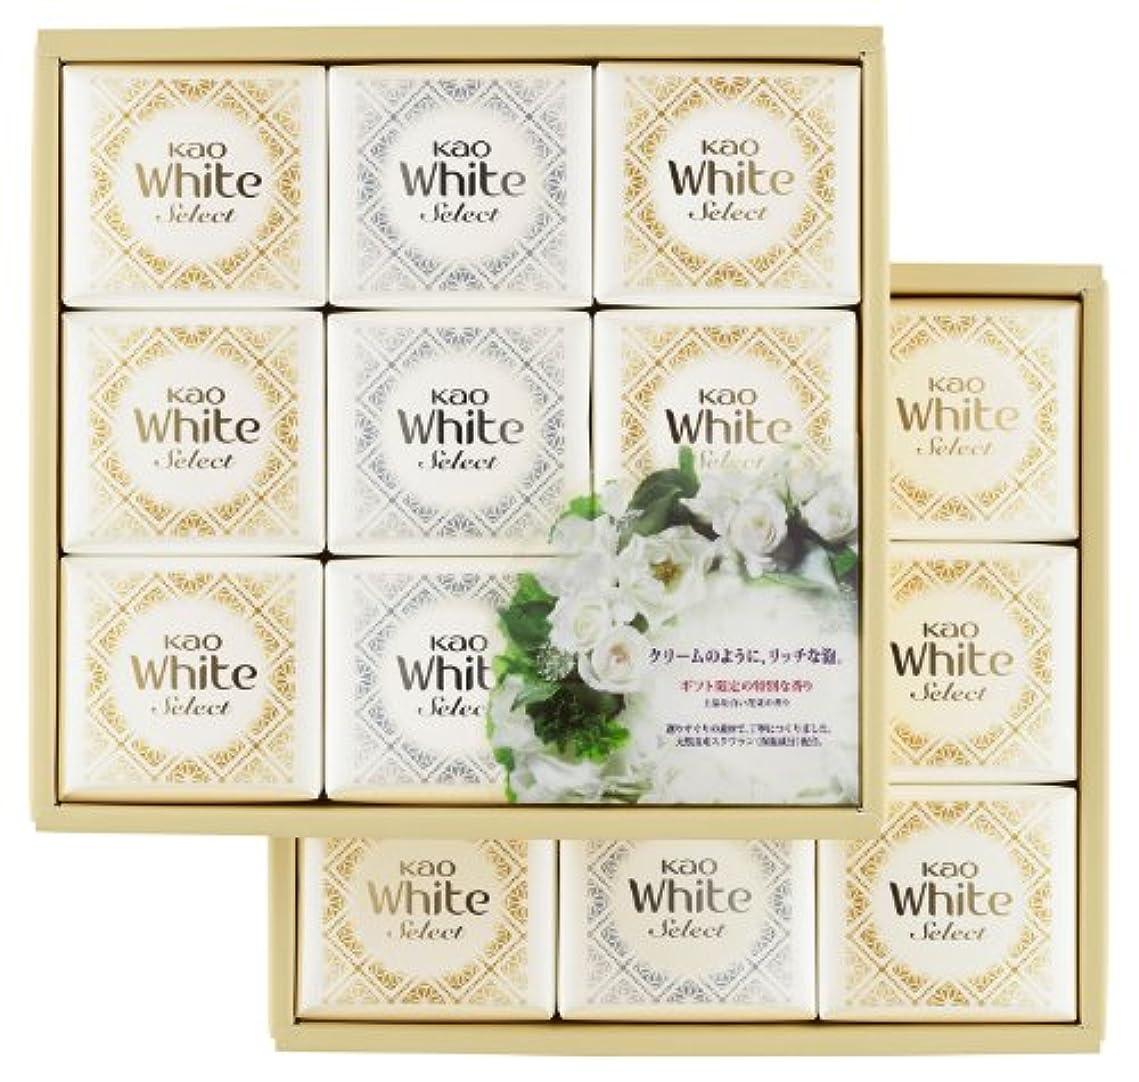 散文メンタリティ戦闘花王ホワイト セレクト 上品な白い花束の香り 85g 18コ K?WS-30